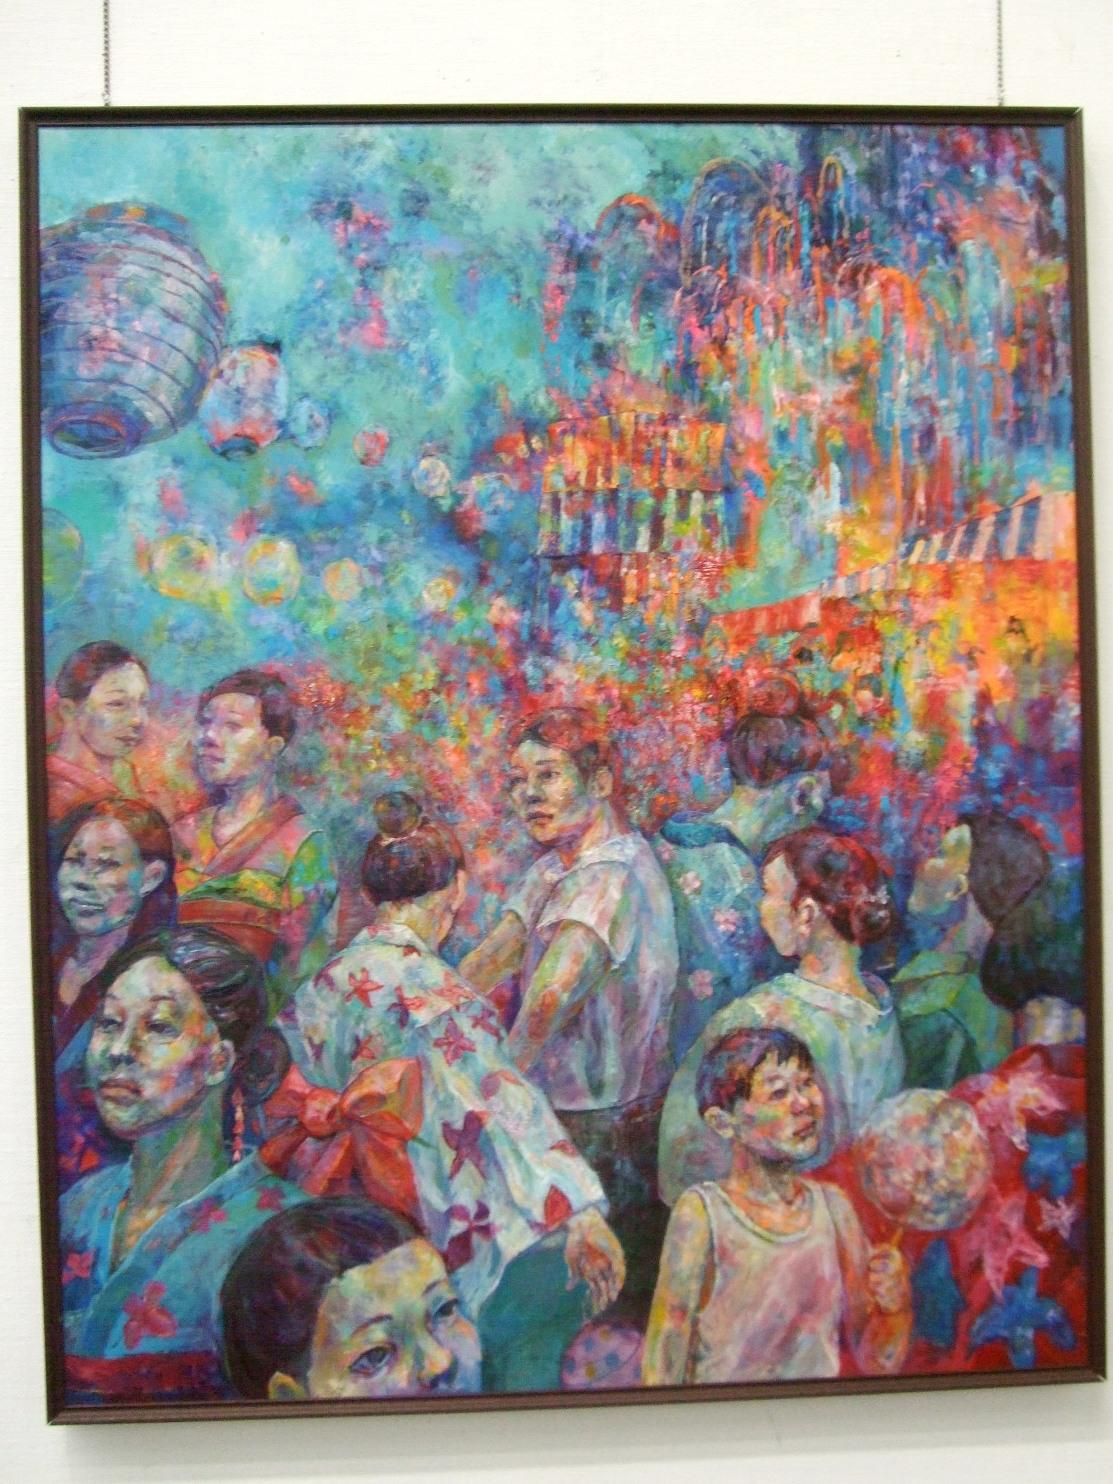 1291) 市民ギャラリー 「七月展 (道教育大自主作品展)」 7月7日(水)~7月11日(日)  _f0126829_15595020.jpg